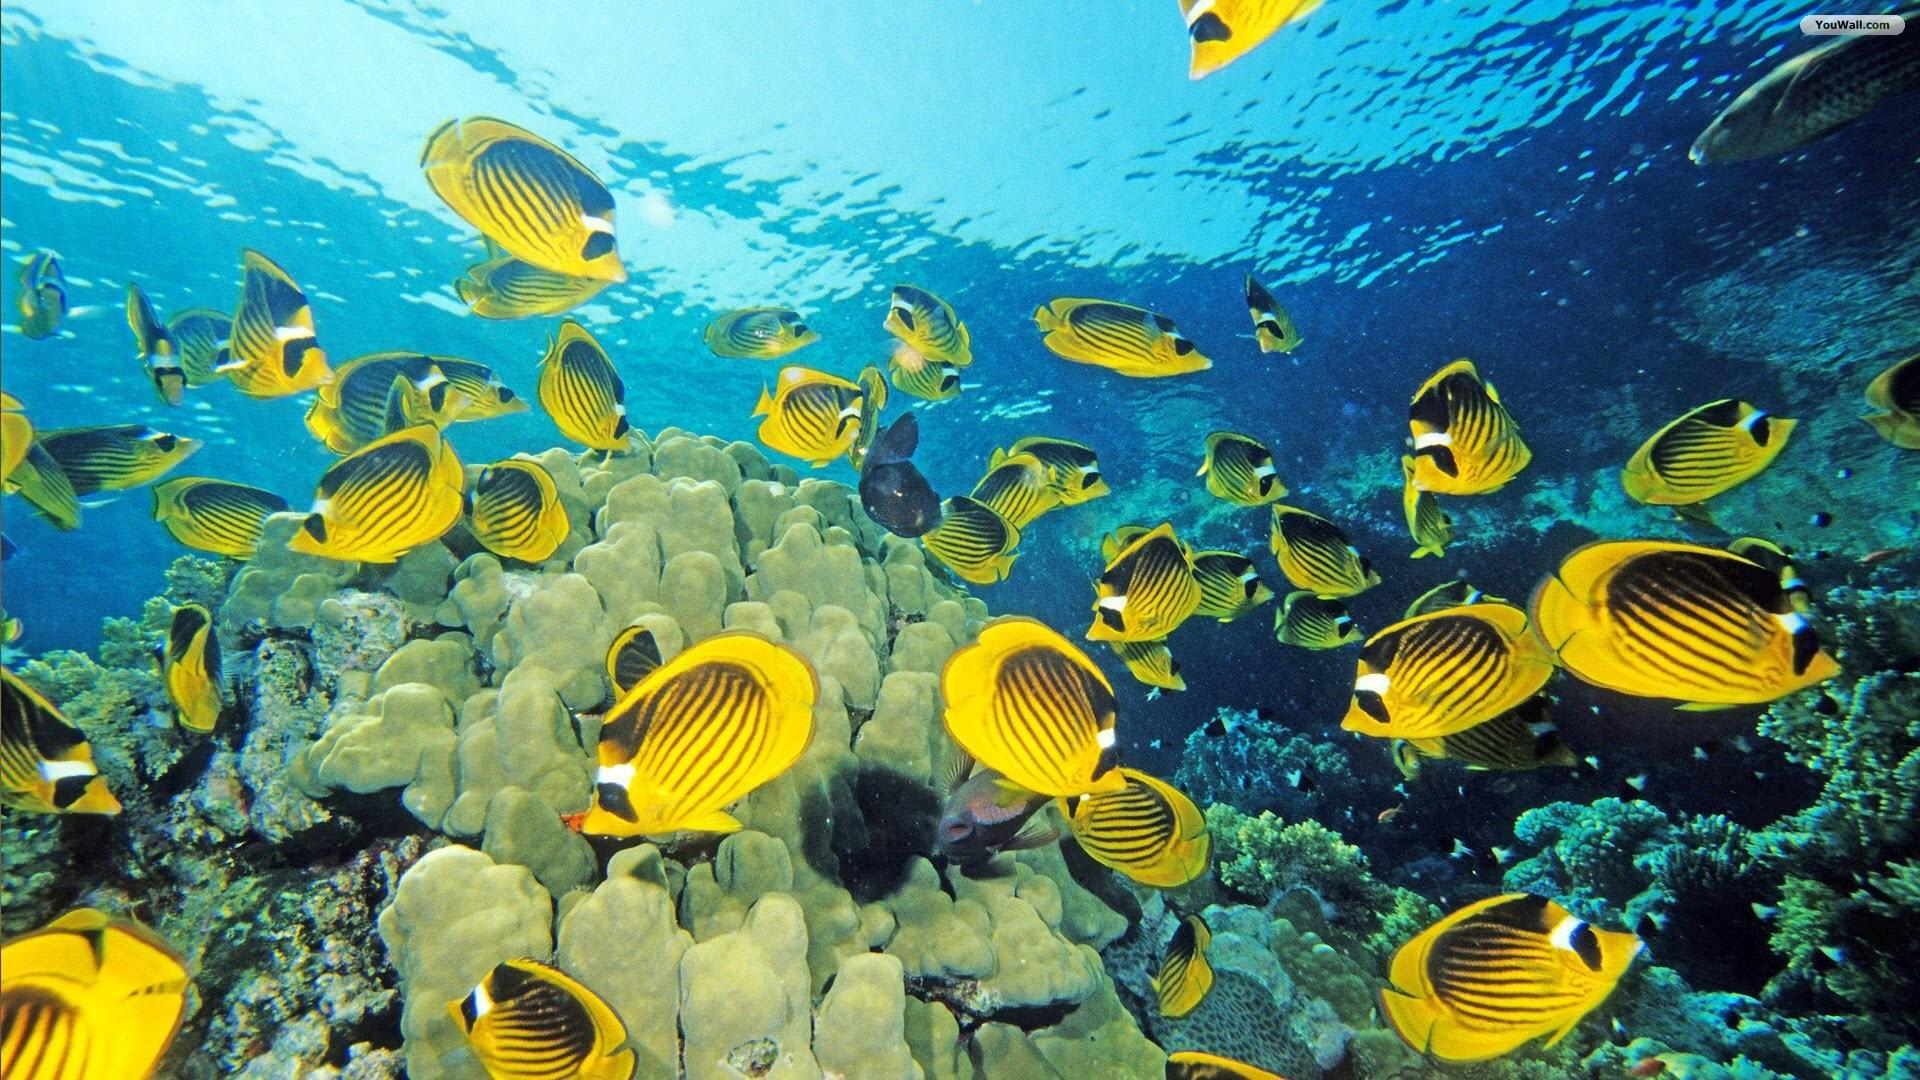 Aquarium Wallpaper Hd : Fish wallpaper hd 801956 walldevil